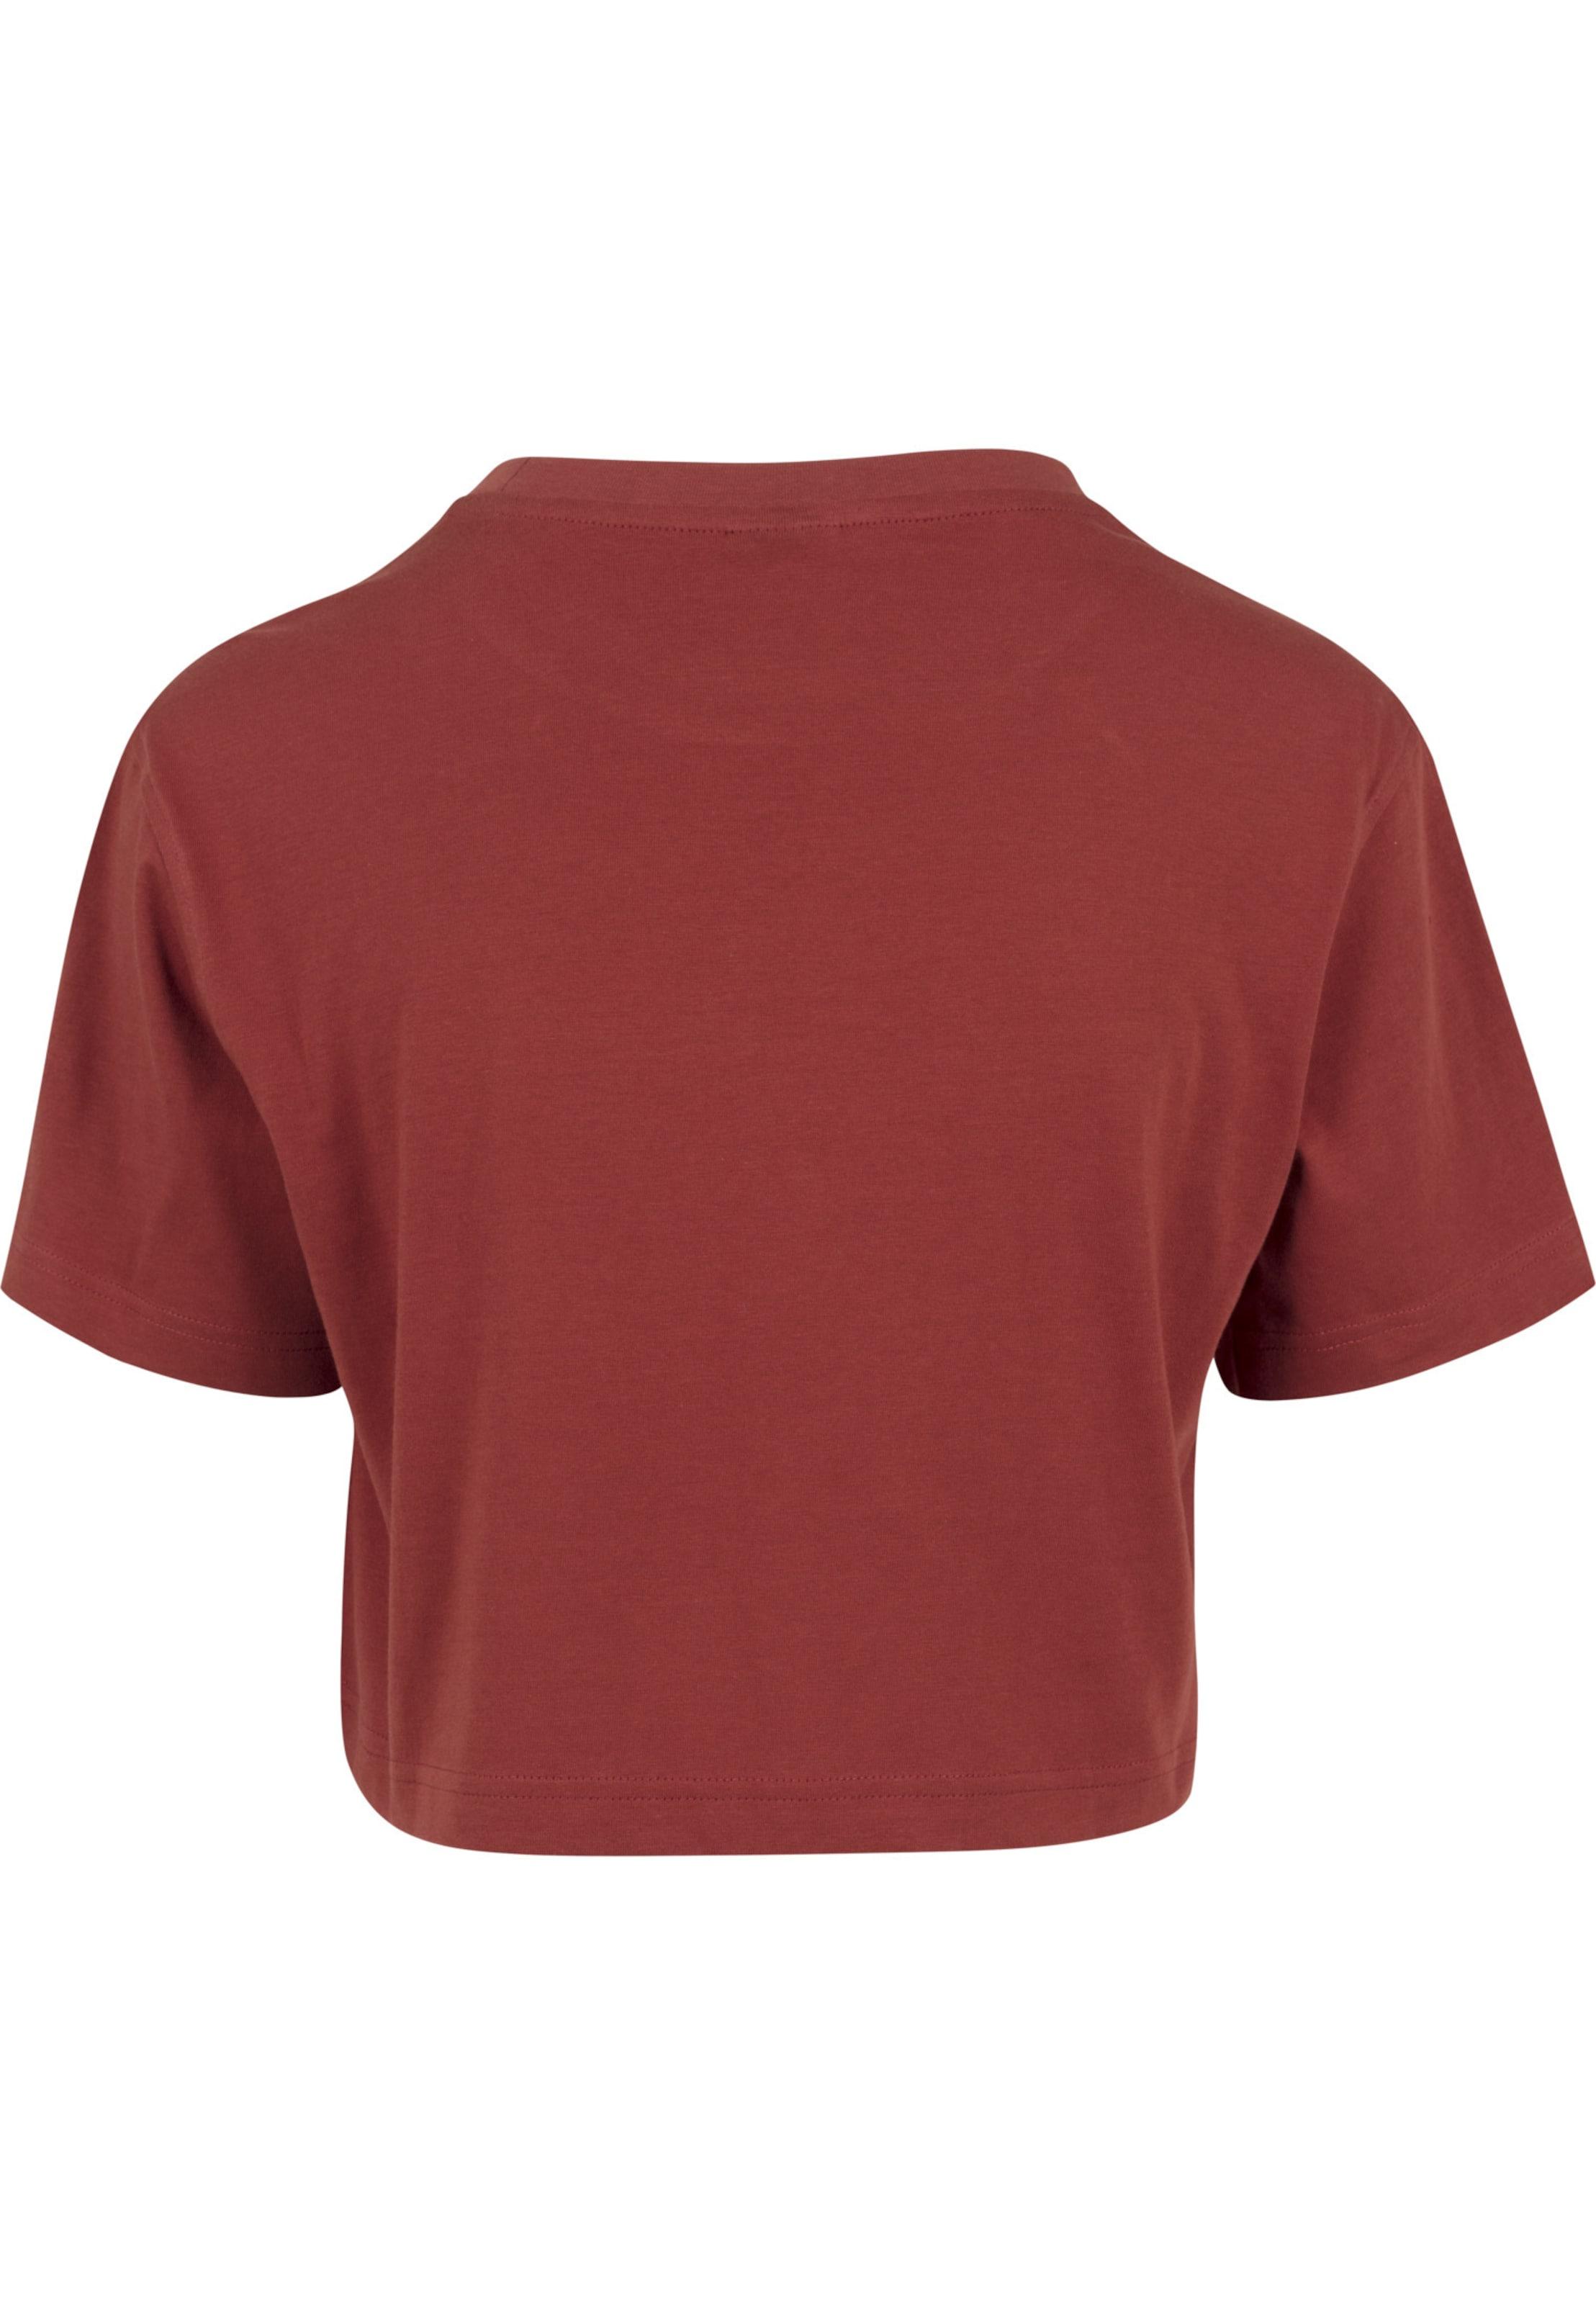 shirt Classics T En Rouge Rouille Urban CodBWerx